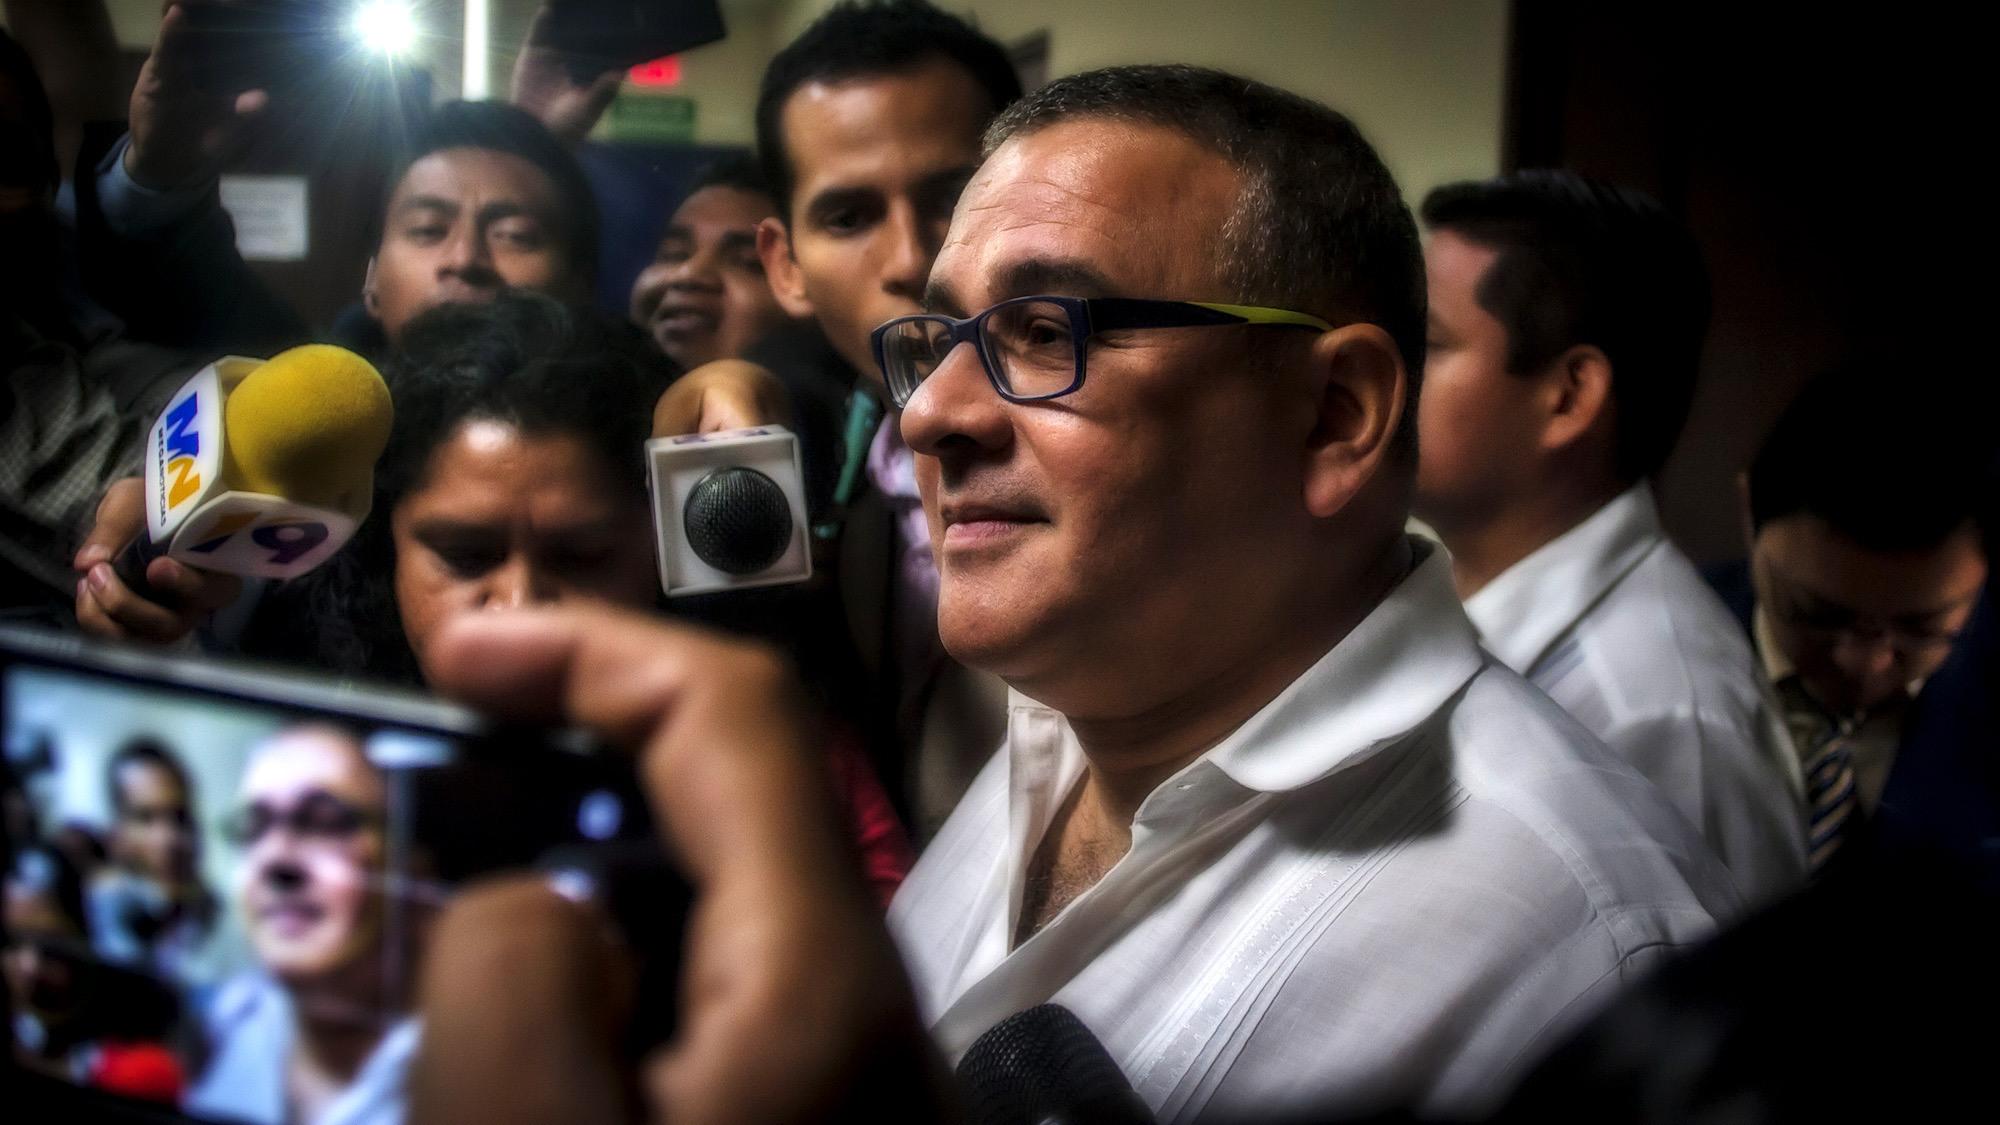 El ex presidente salvadoreño, Mauricio Funes Cartagena, brinda declaraciones a los medios locales e internacionales, durante un citatorio que le hiciera la FGR el 3 de Febrero de 2016, para conocer su función durante la Tregua entre las pandillas y su administración. Por ahora, el ex presidente Funes, se encuentra como asilado politico en Nicaragua, por el proceso de enriquicimiento ilicito que se lleva en los juzgados salvadoreños. Foto FACTUM/Salvador MELENDEZ